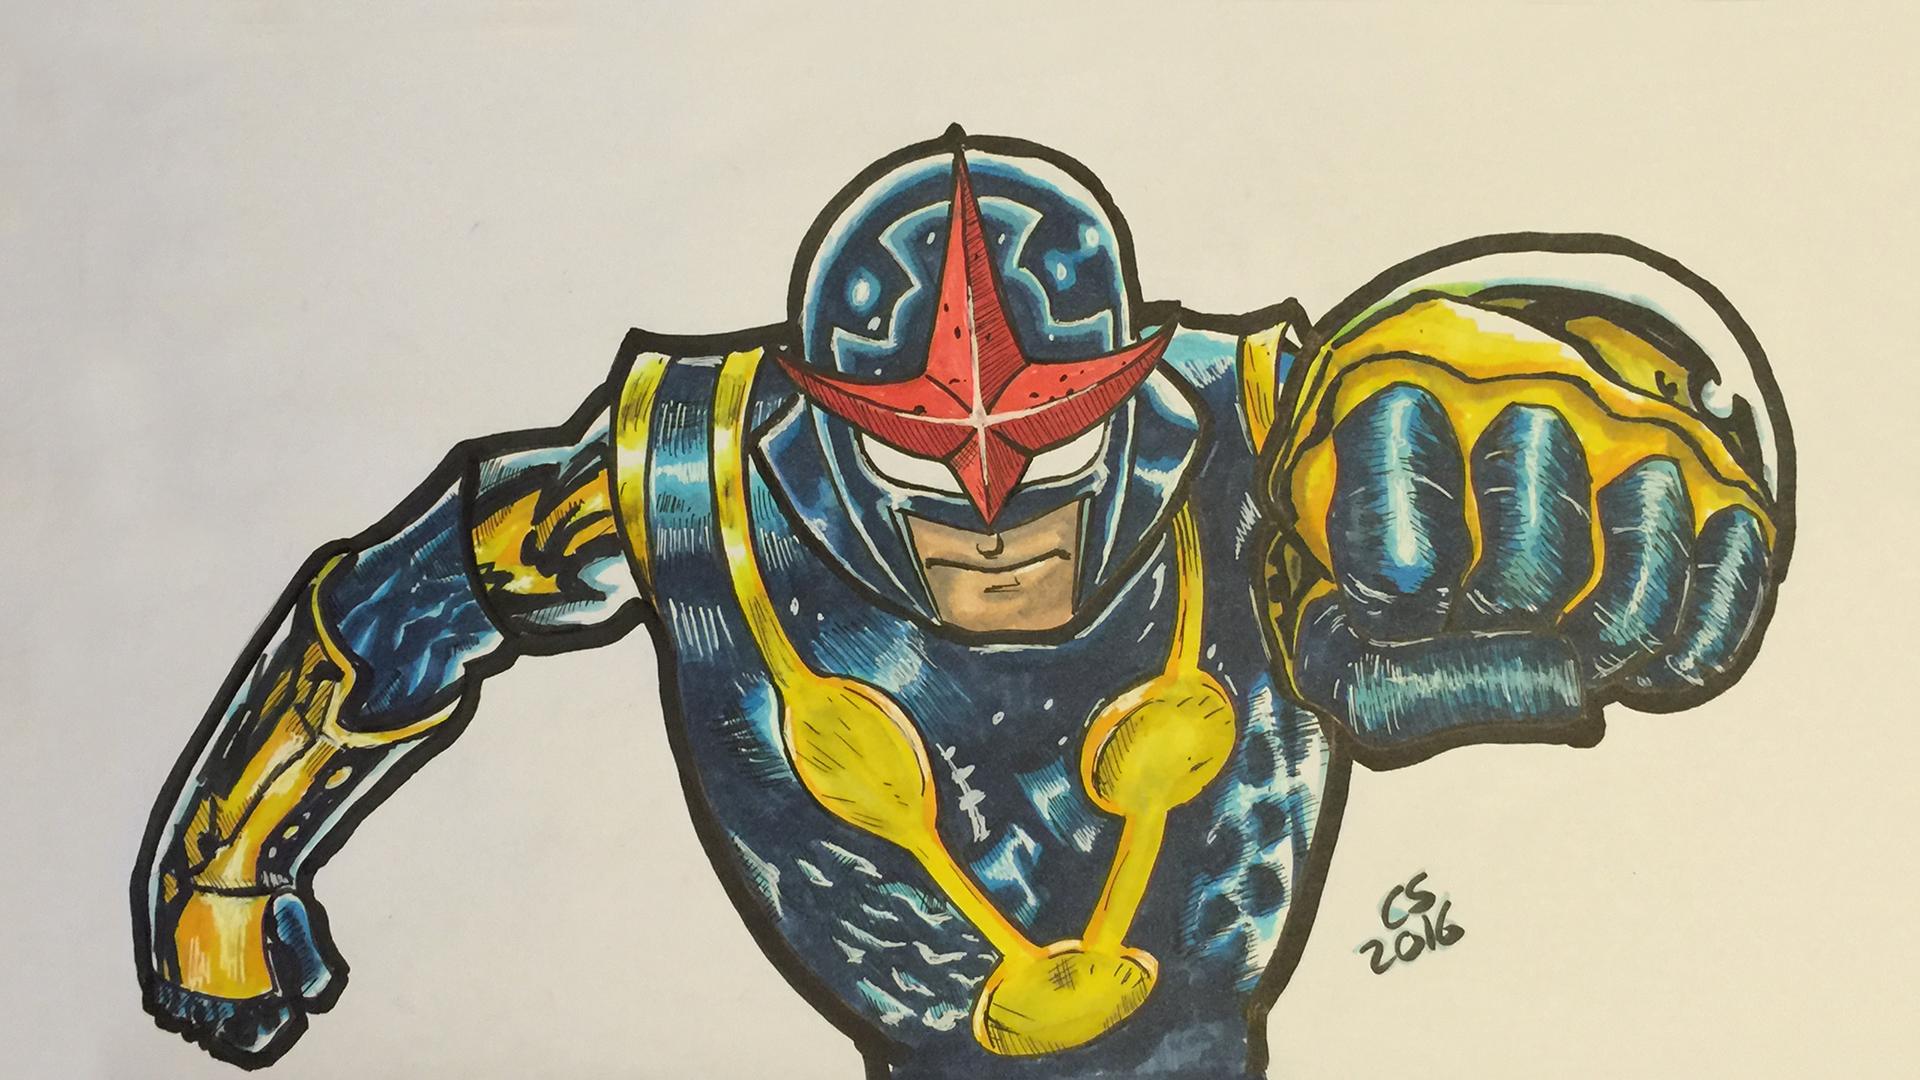 Nova from Marvel